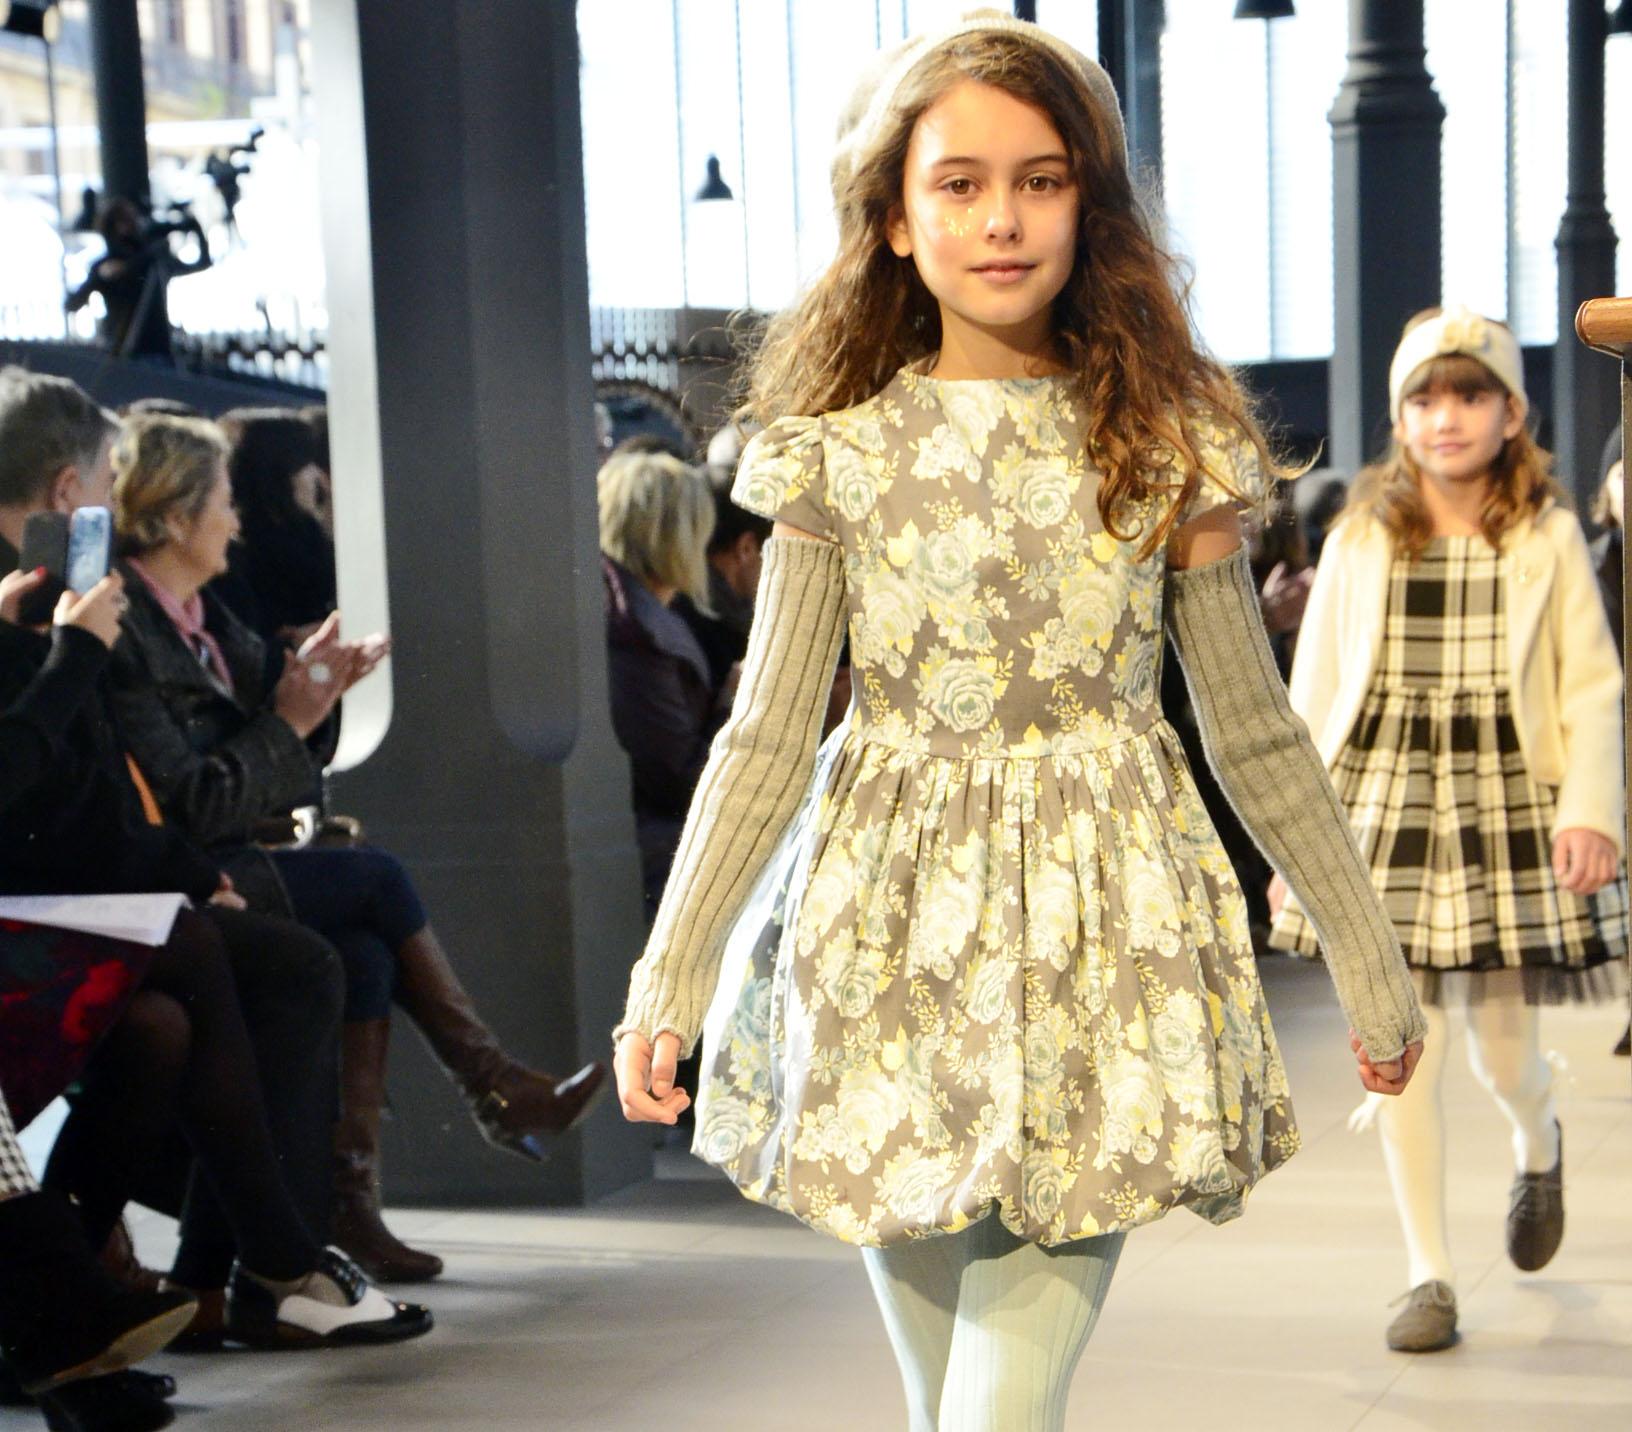 Moda infantil Cóndor_Desfile 080 Barcelona Fashion_Blogmodabebe1